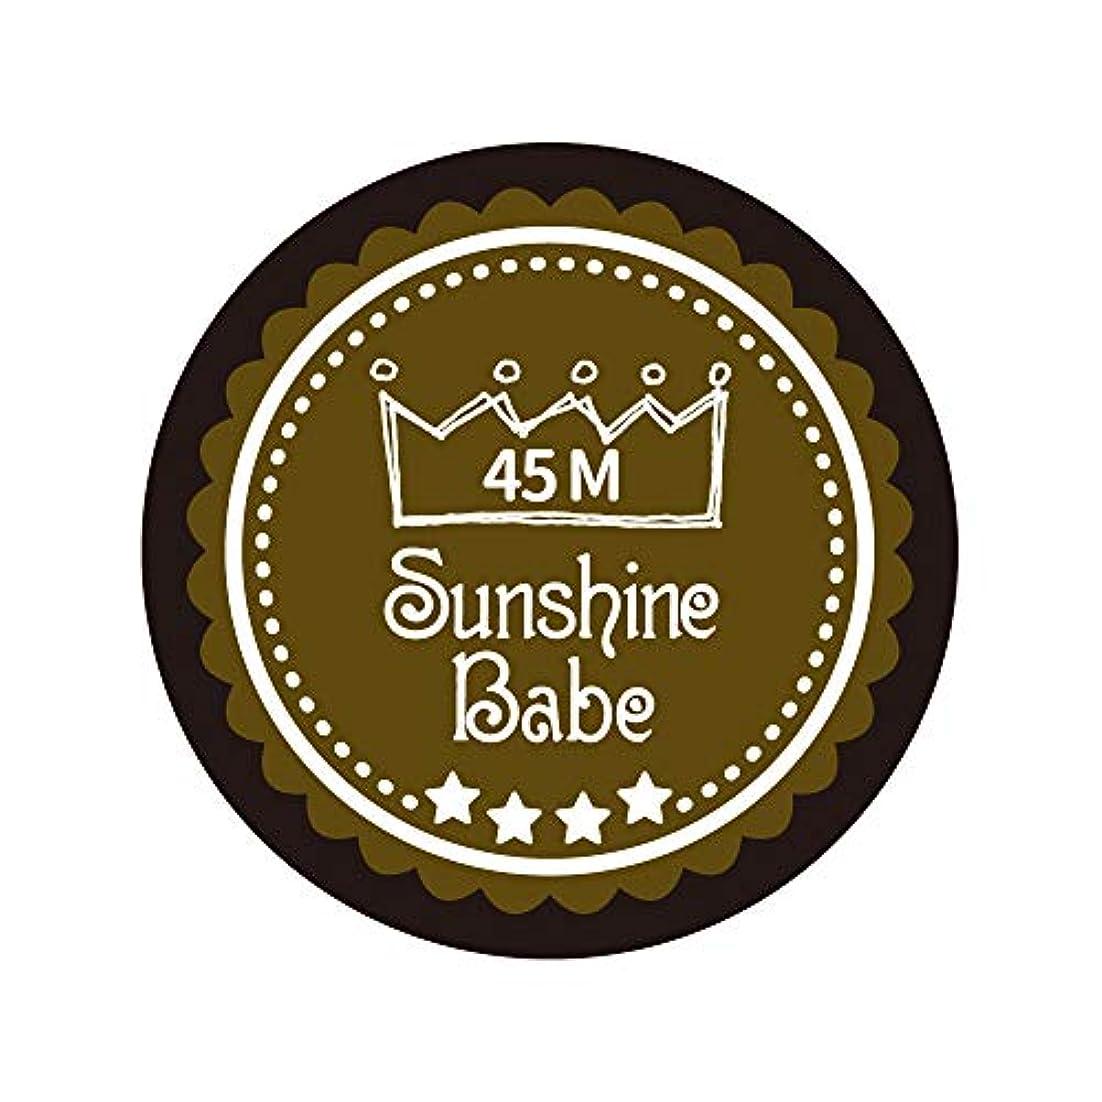 クック小売腐敗Sunshine Babe カラージェル 45M マティーニオリーブ 4g UV/LED対応